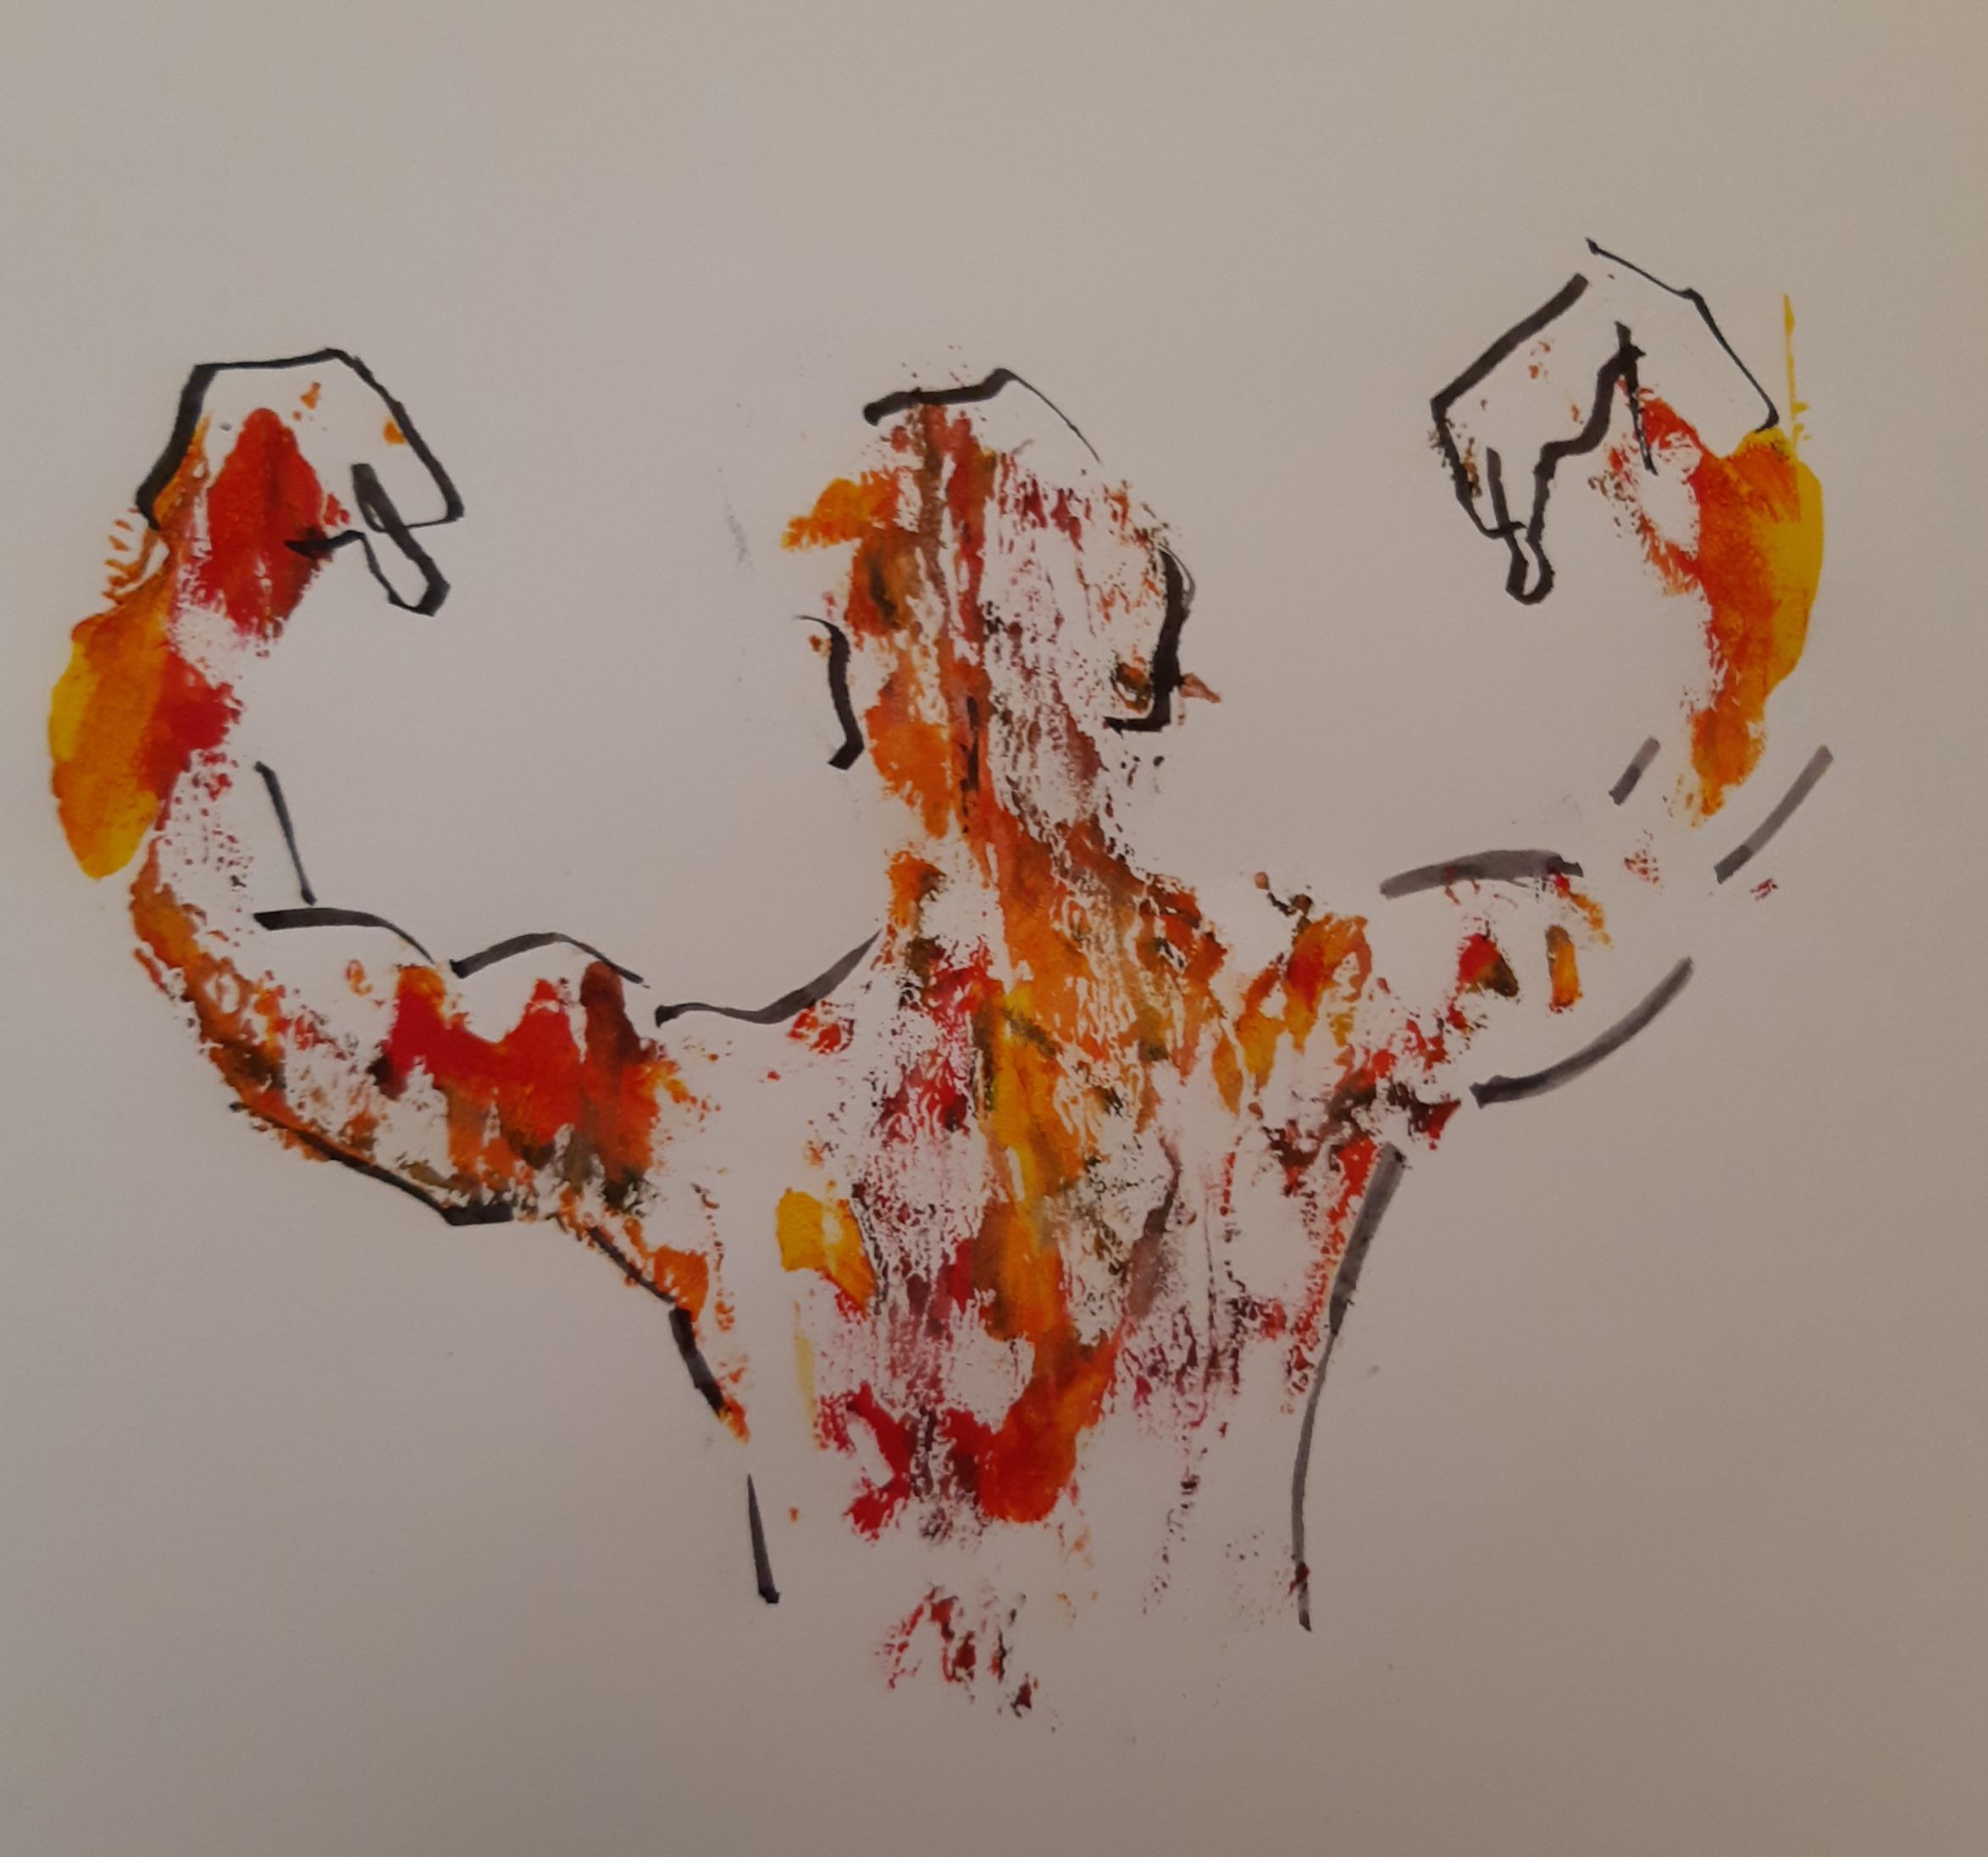 Peinture estompe couleurs tout homme technique mixte  cours de dessin